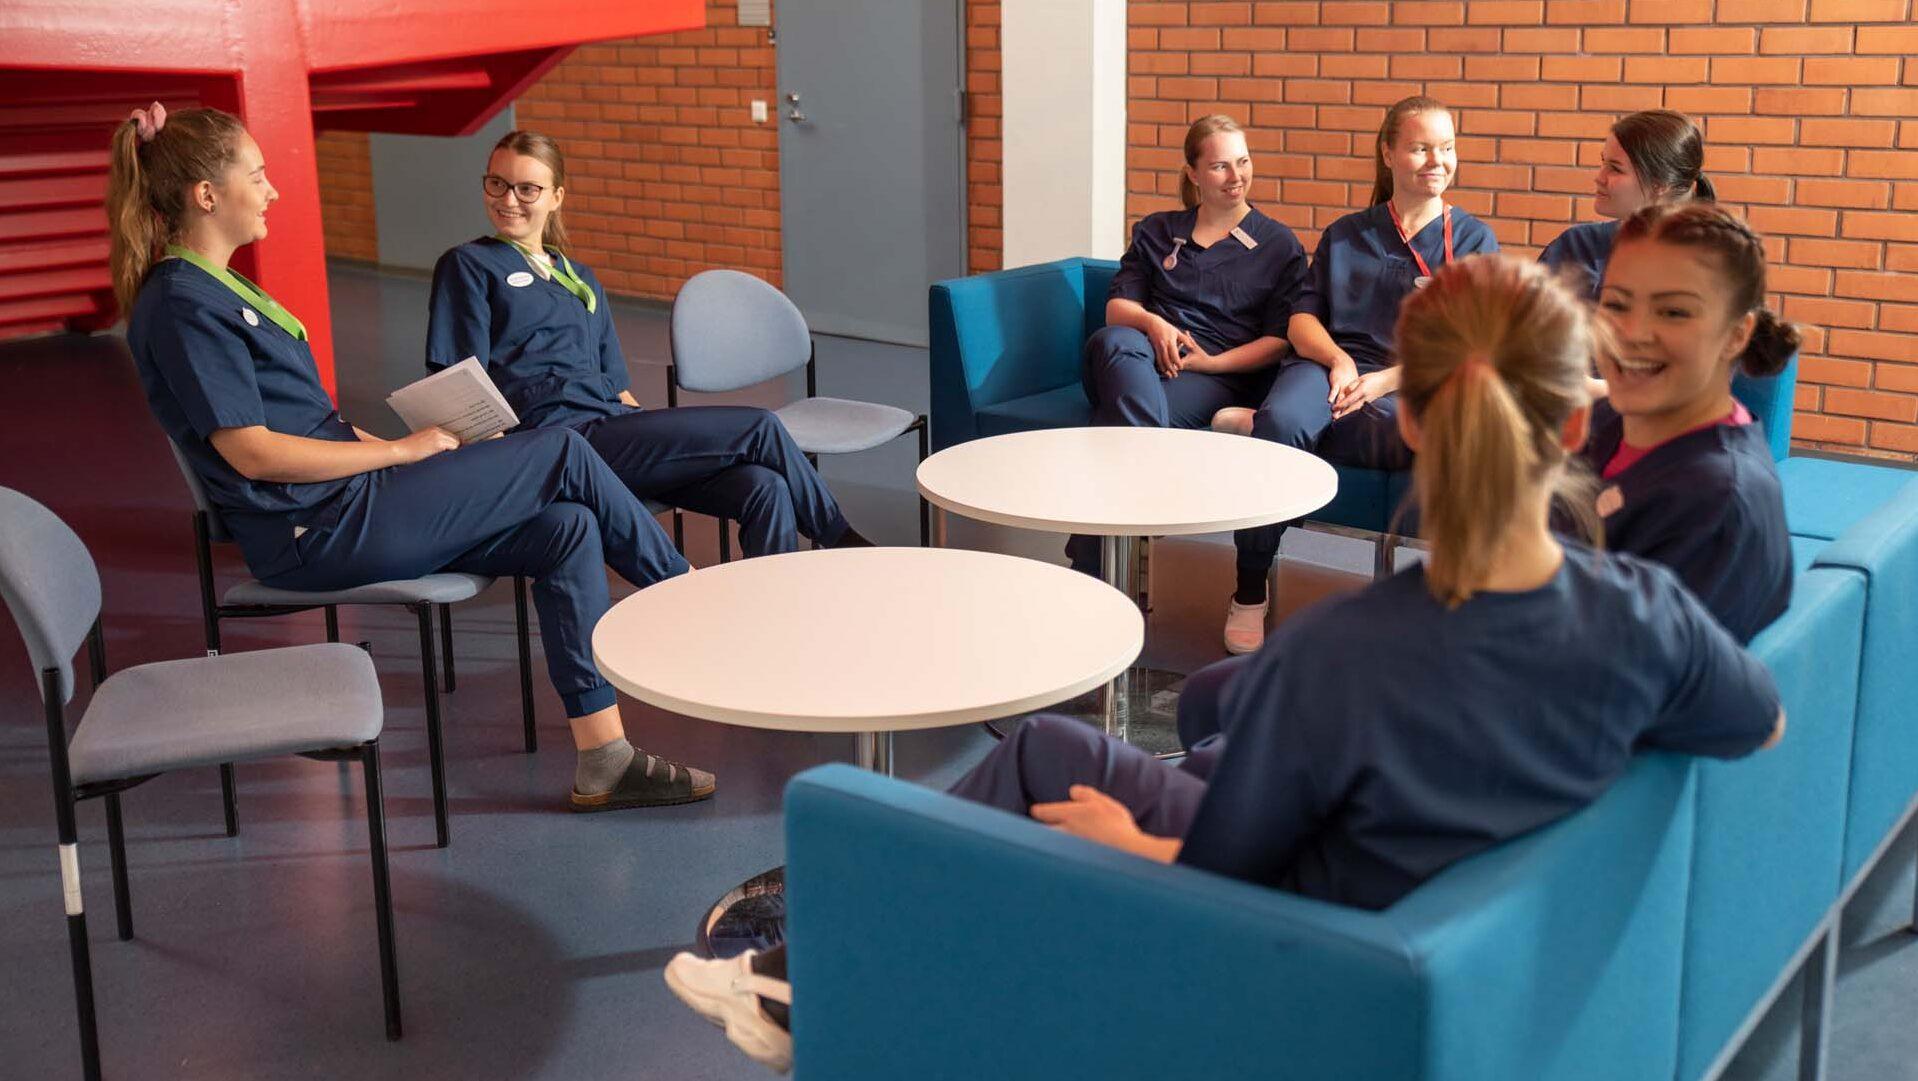 Hoitotyöntekijöitä istuu sohvaryhmässä.